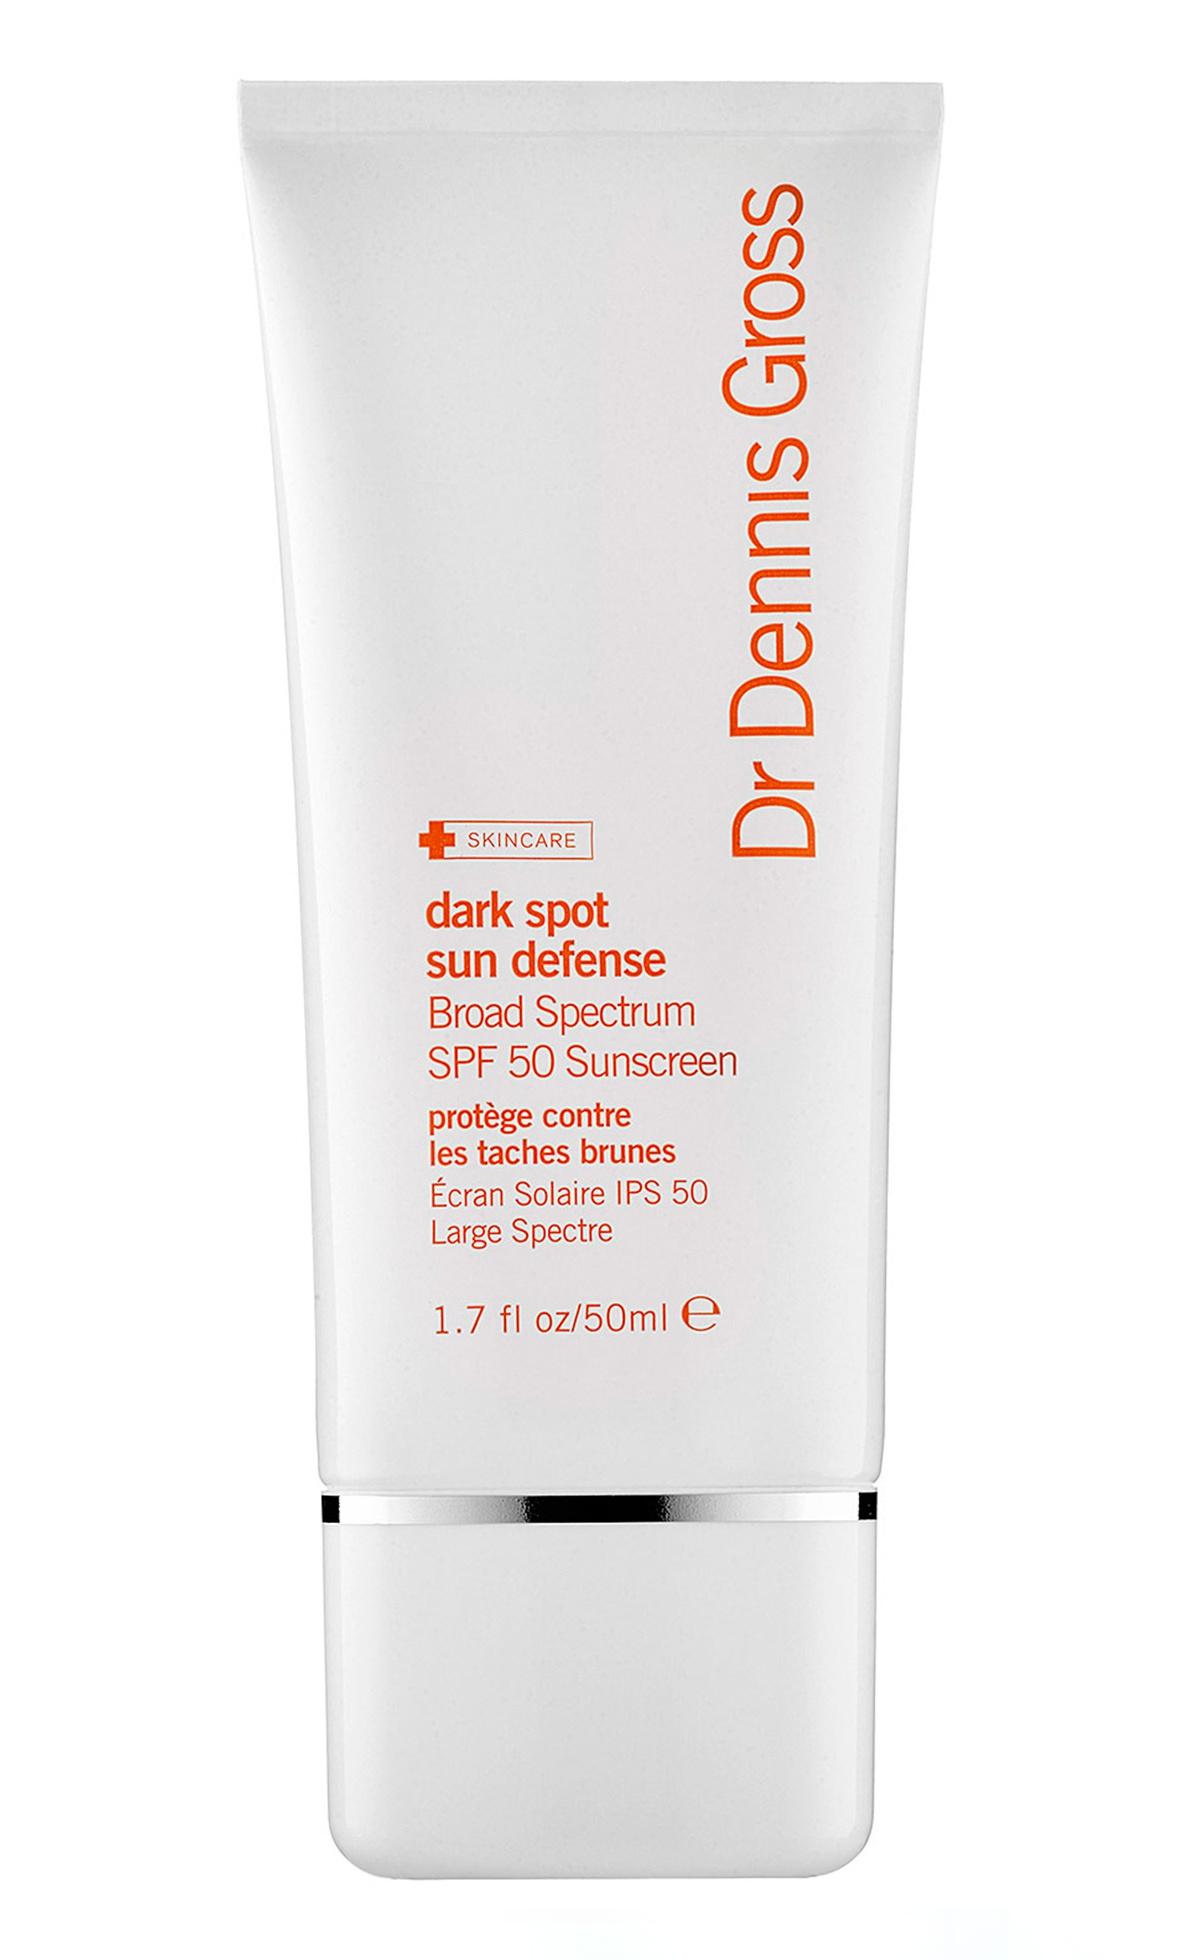 Dr Dennis Gross Dark Spot Sun Defense Broad Spectrum Spf 50 Sunscreen